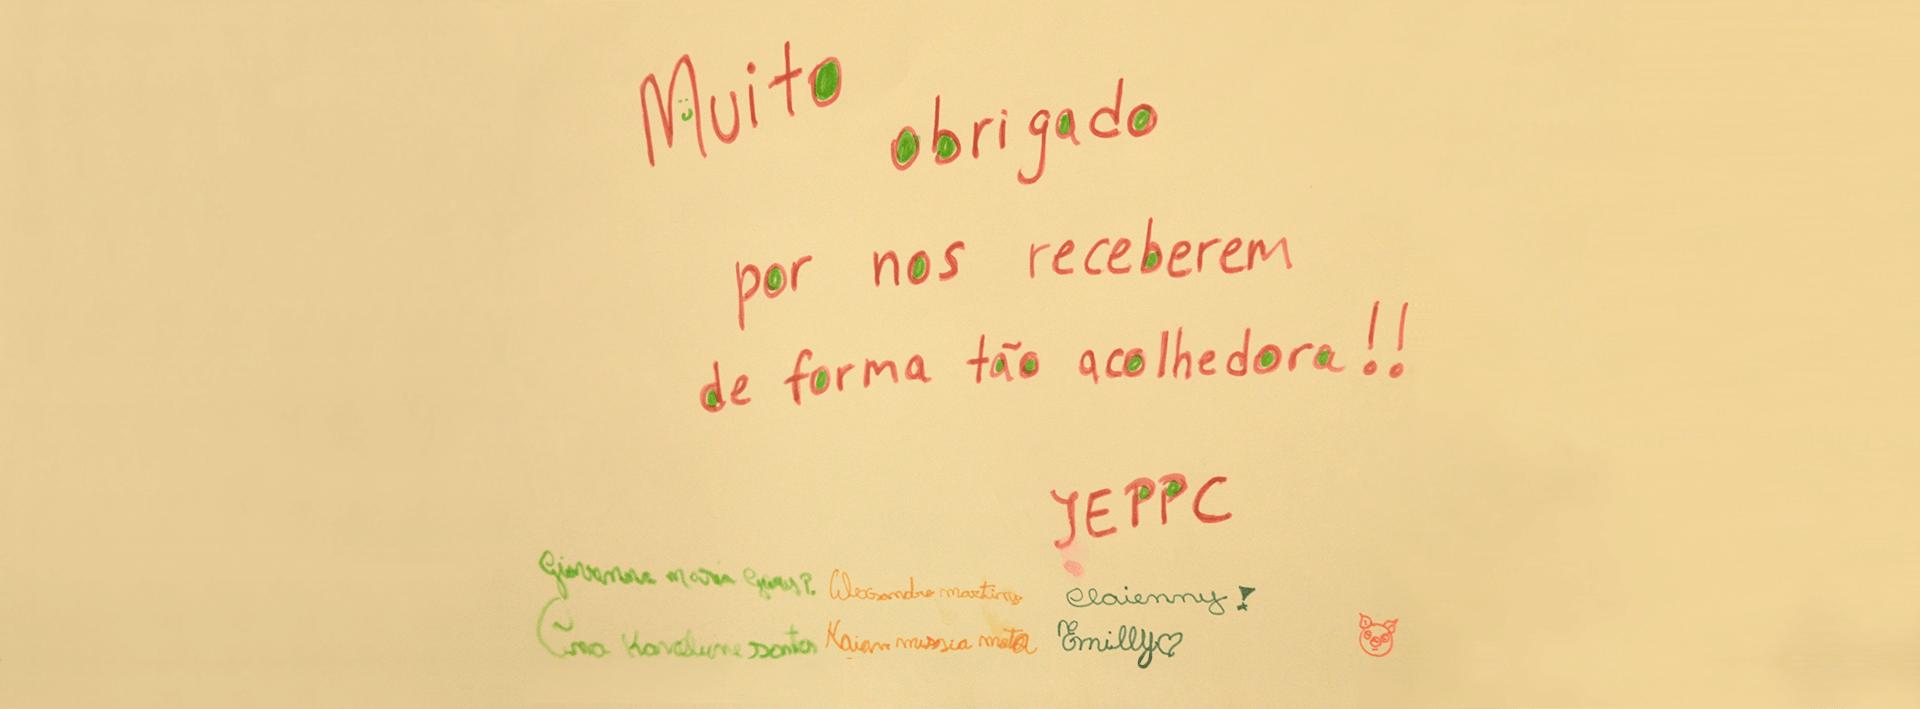 social_cia_dos_bichos_banner2